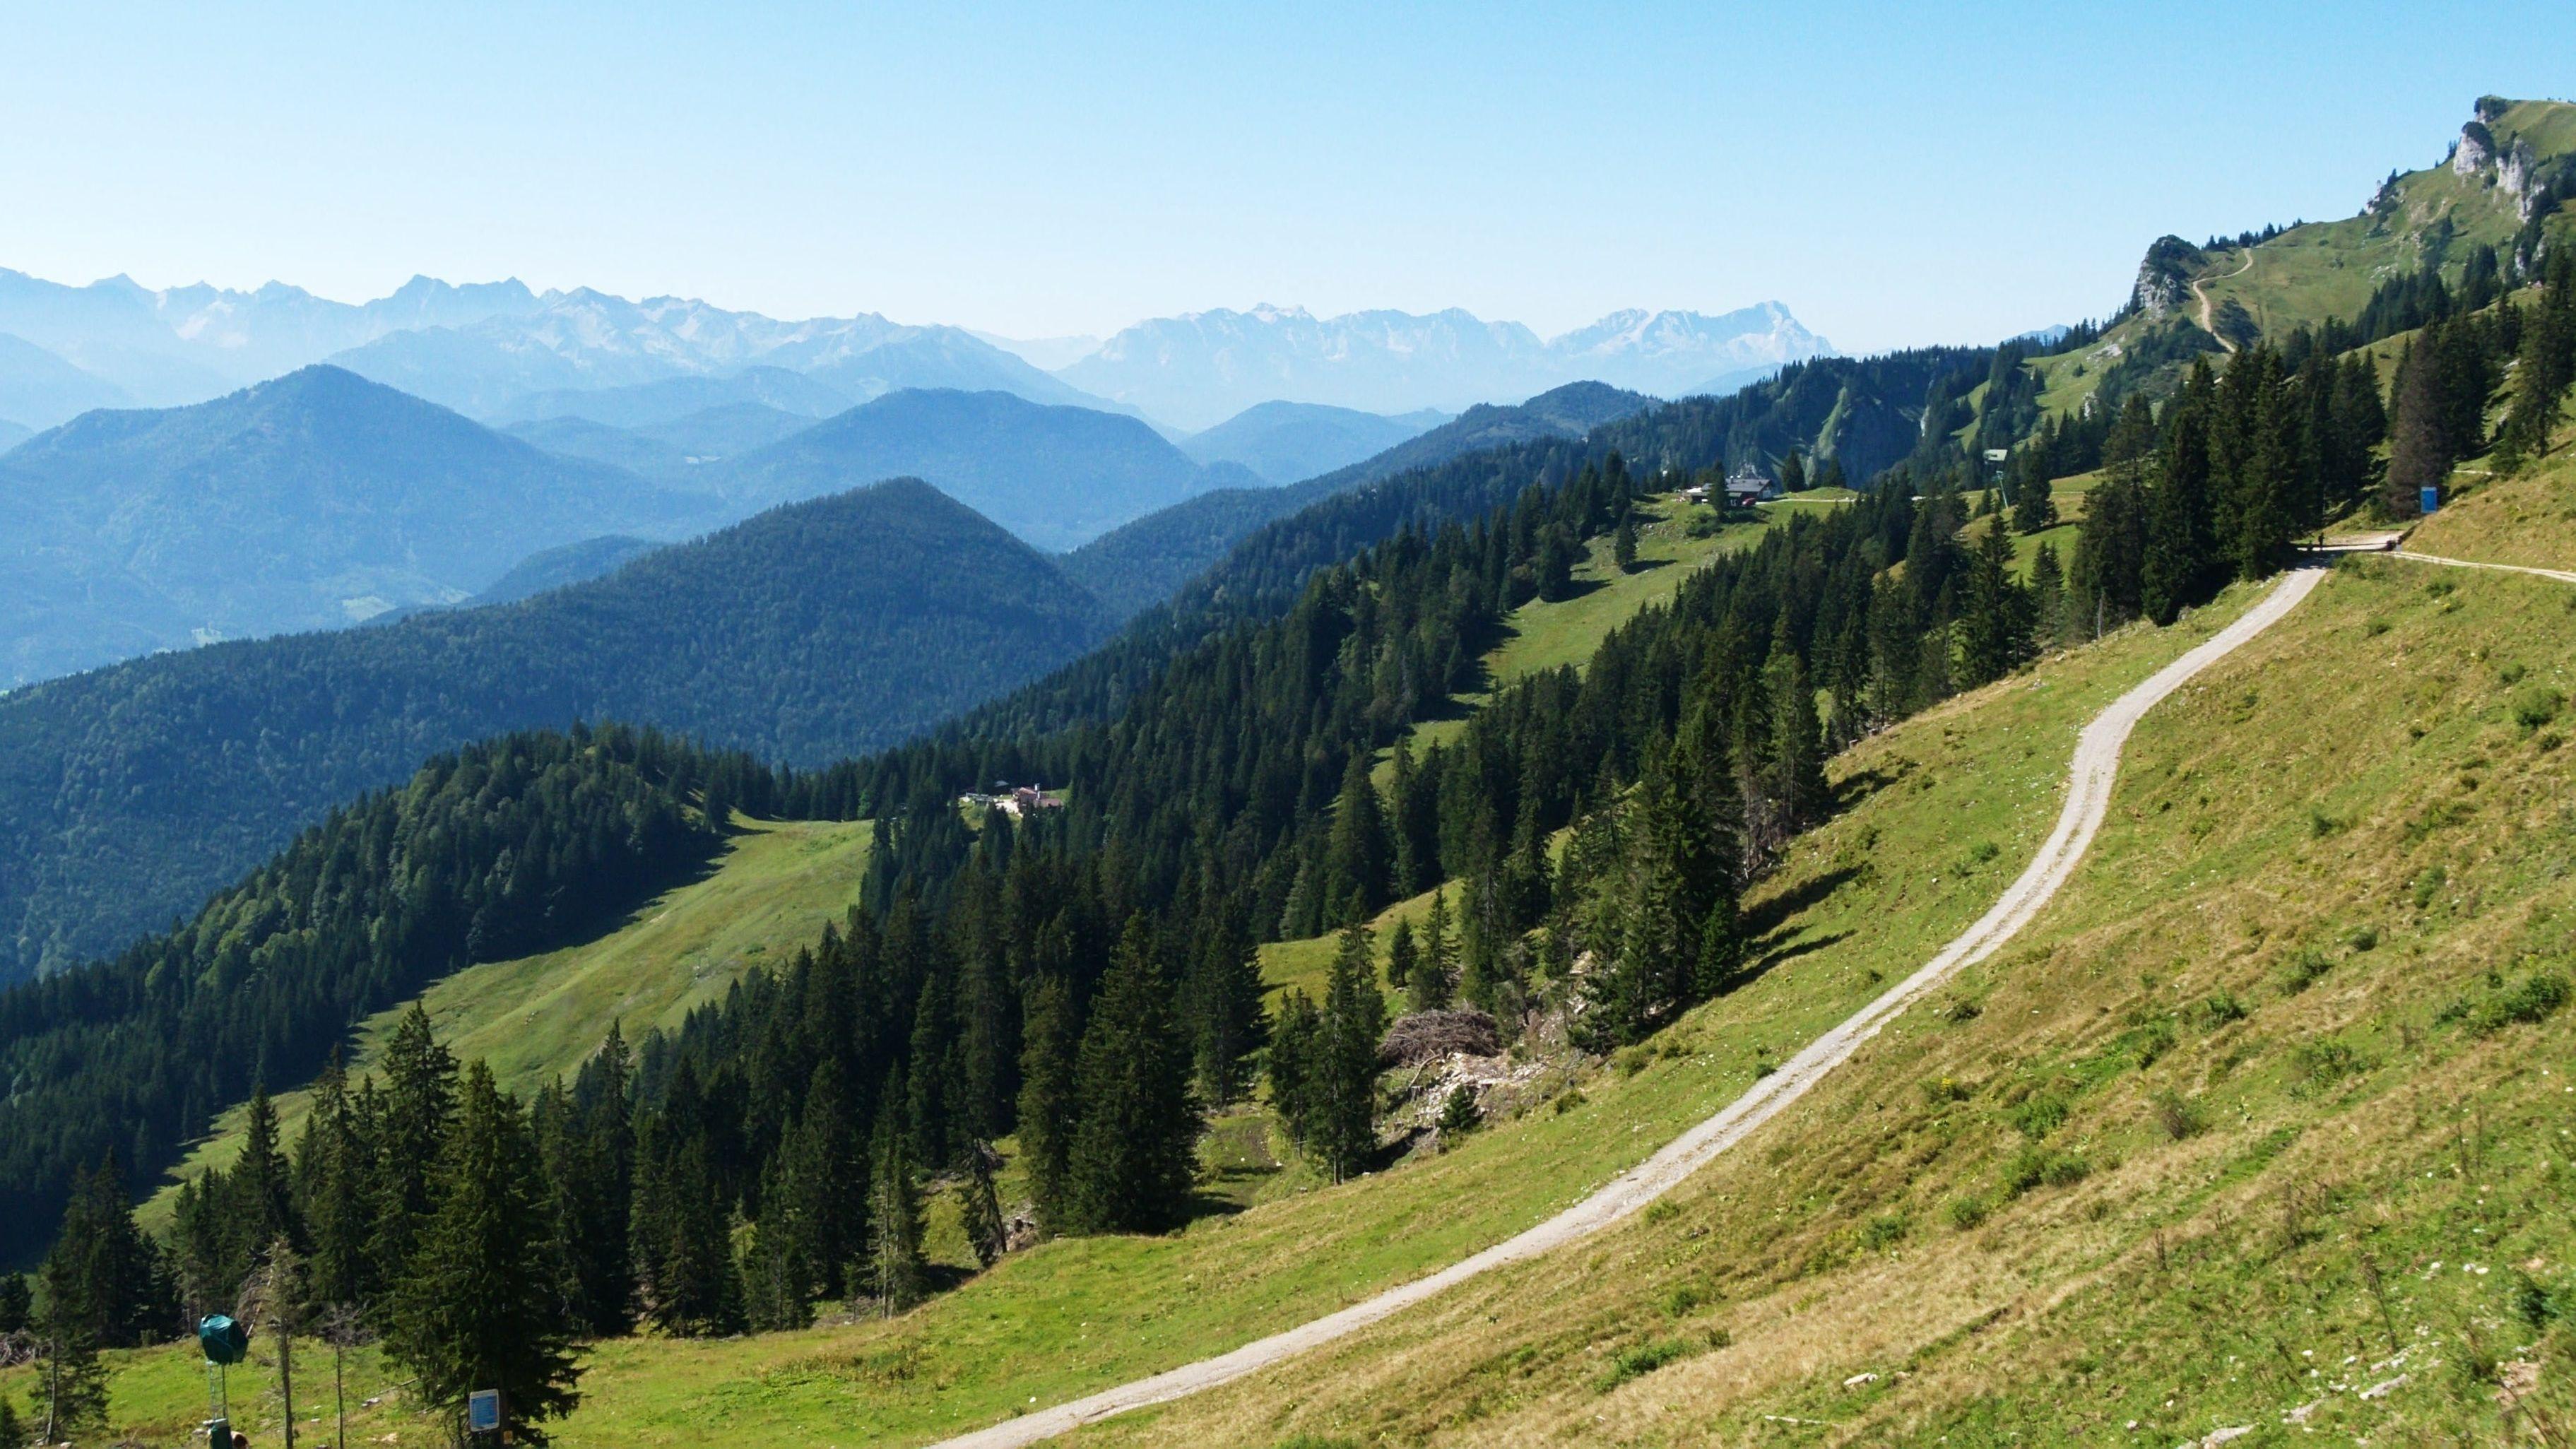 Ausblick auf die Alpen im Karwendelgebirge in Österreich vom Gipfel des Braunecks